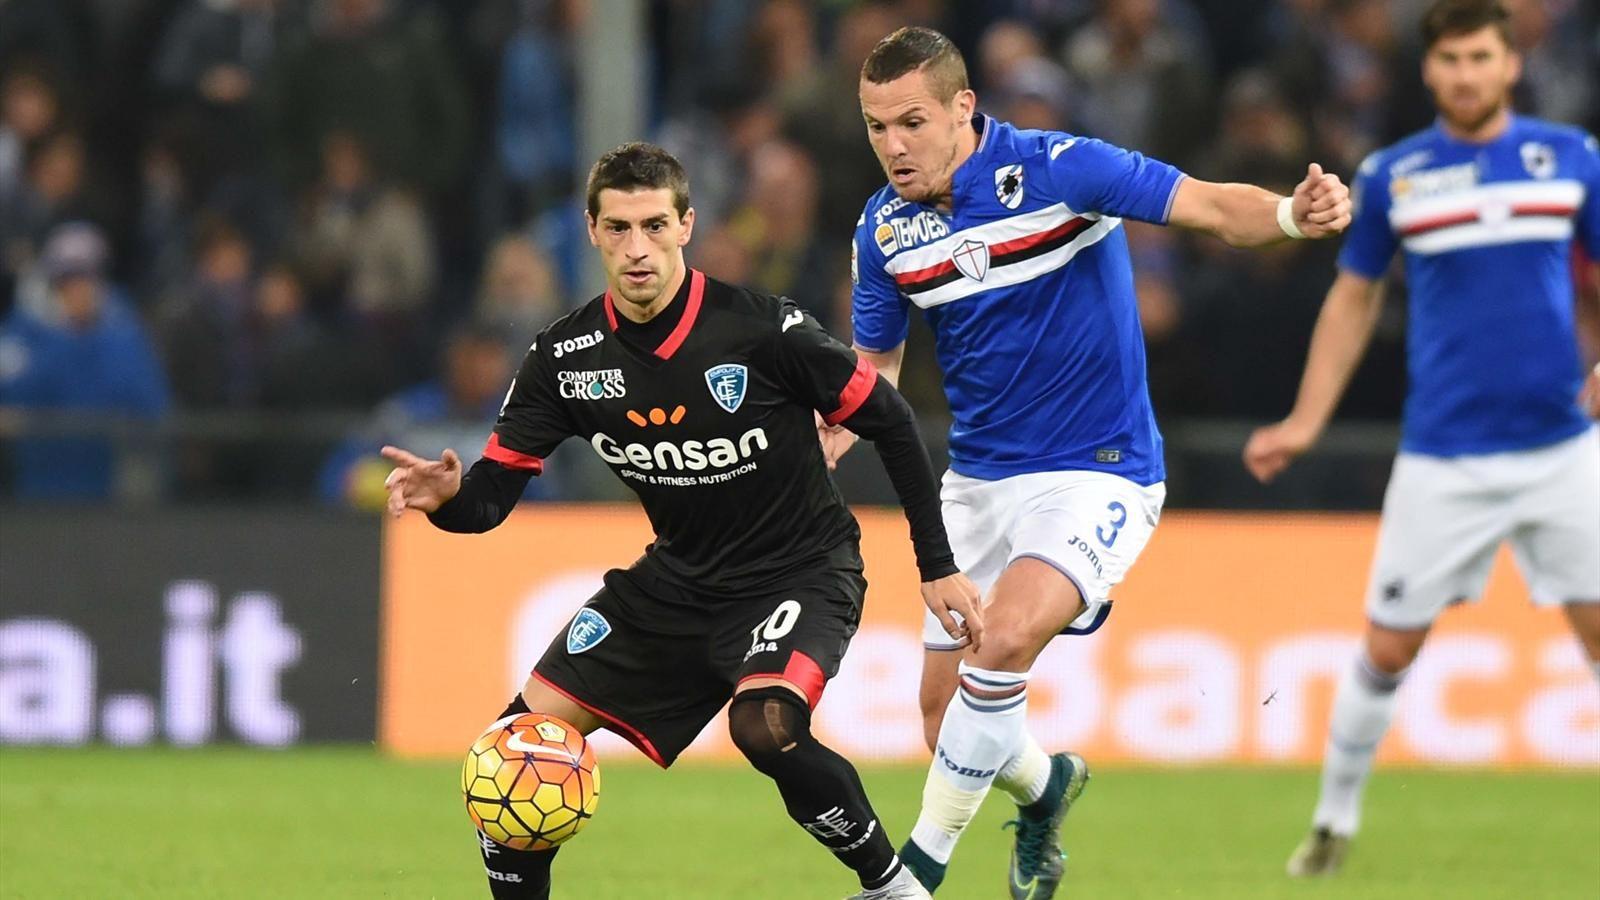 Sampdoria Empoli, Serie A